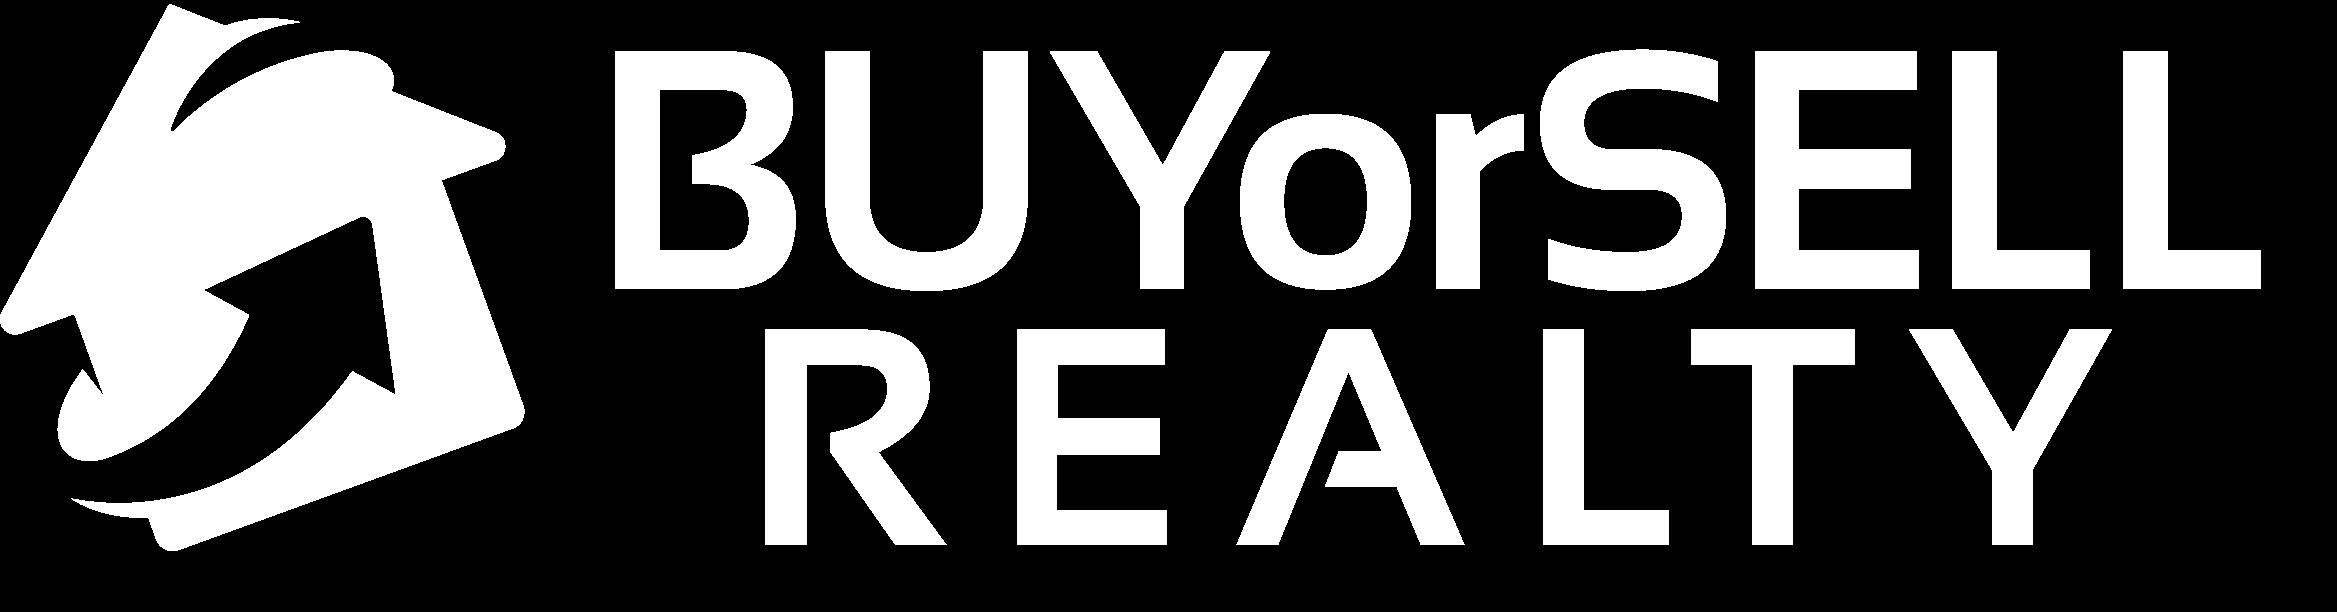 Team  Buy or SellBuy or Sell Realty Inc.